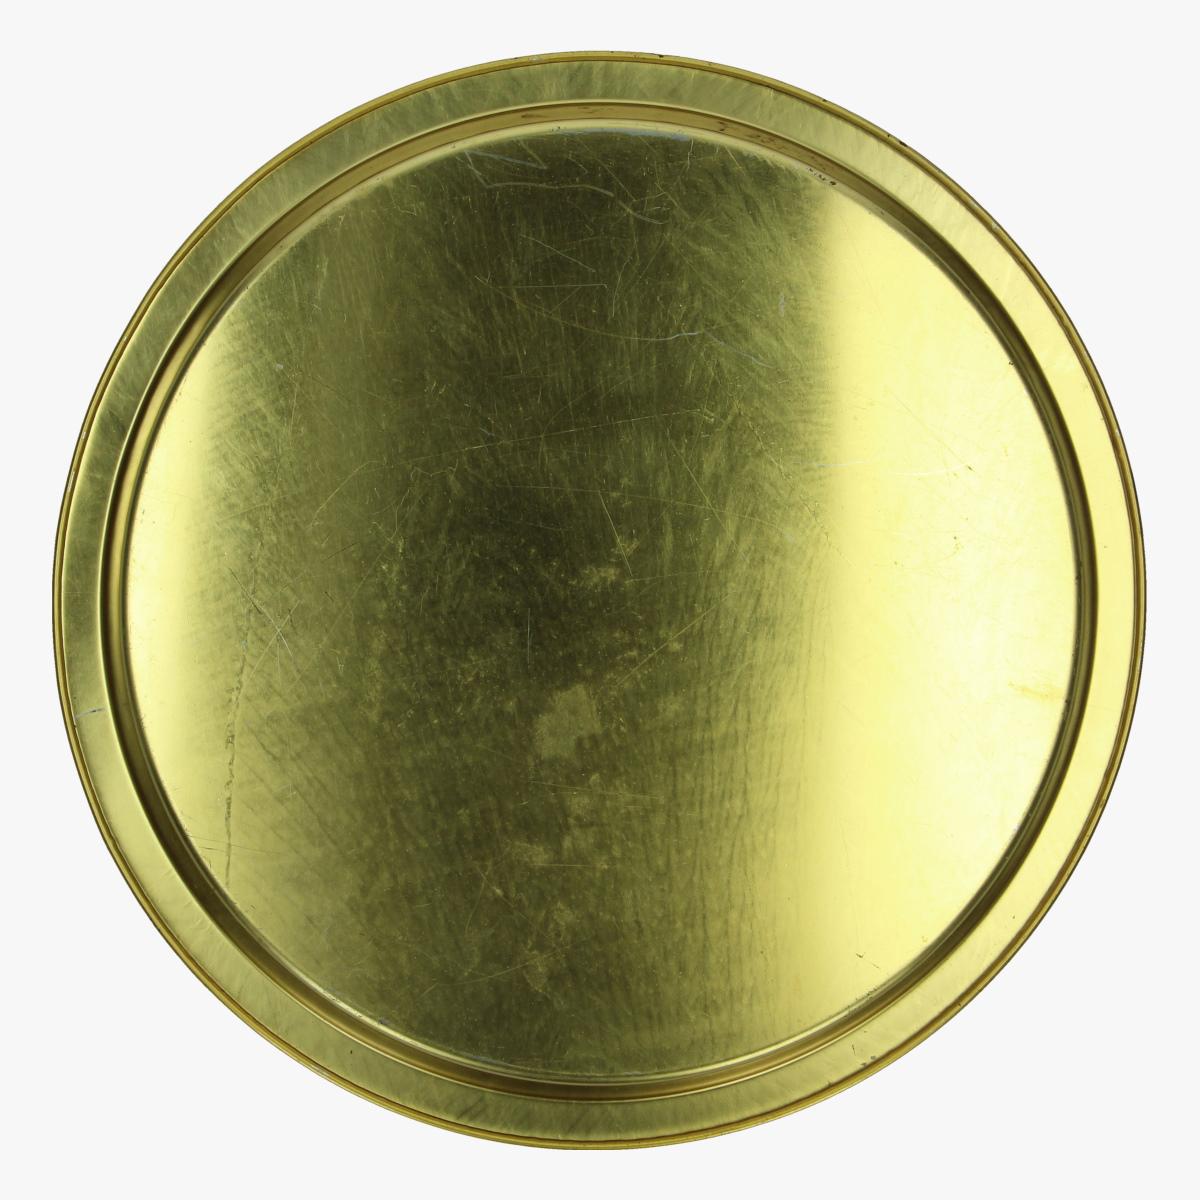 Afbeeldingen van expo 58 dienblad atomium